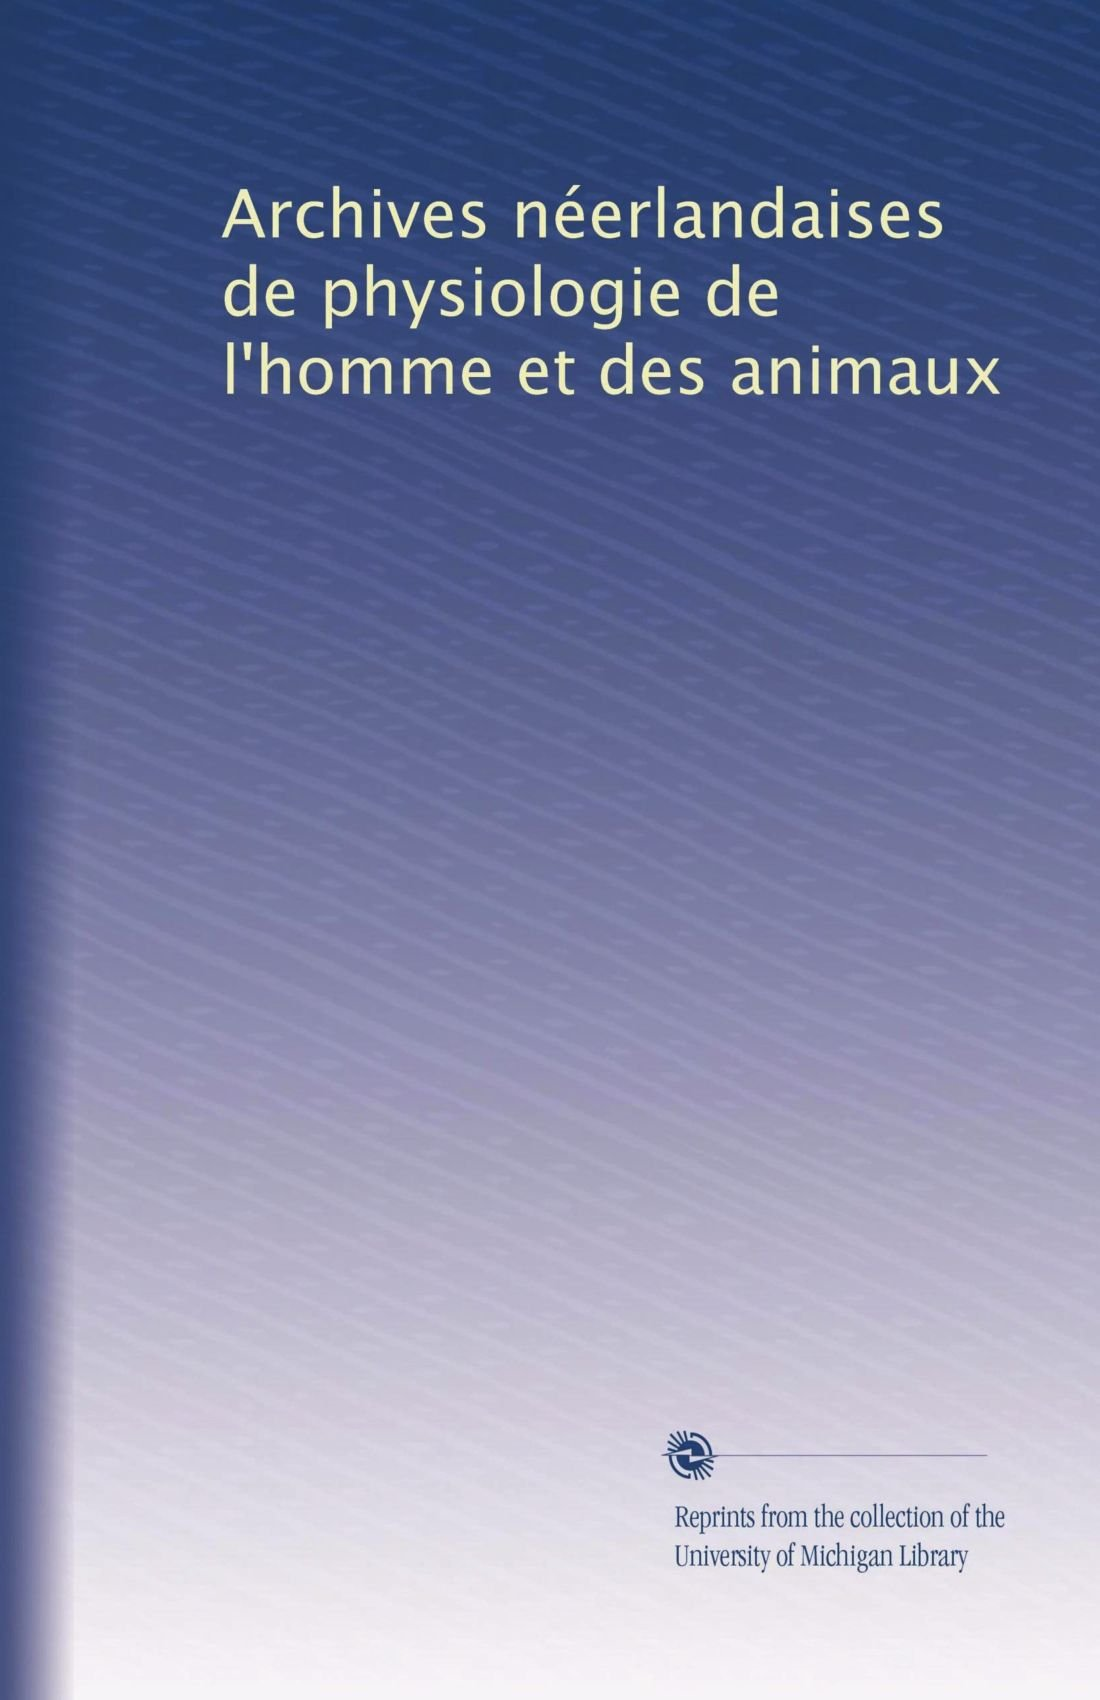 Download Archives néerlandaises de physiologie de l'homme et des animaux (Volume 3) (French Edition) PDF